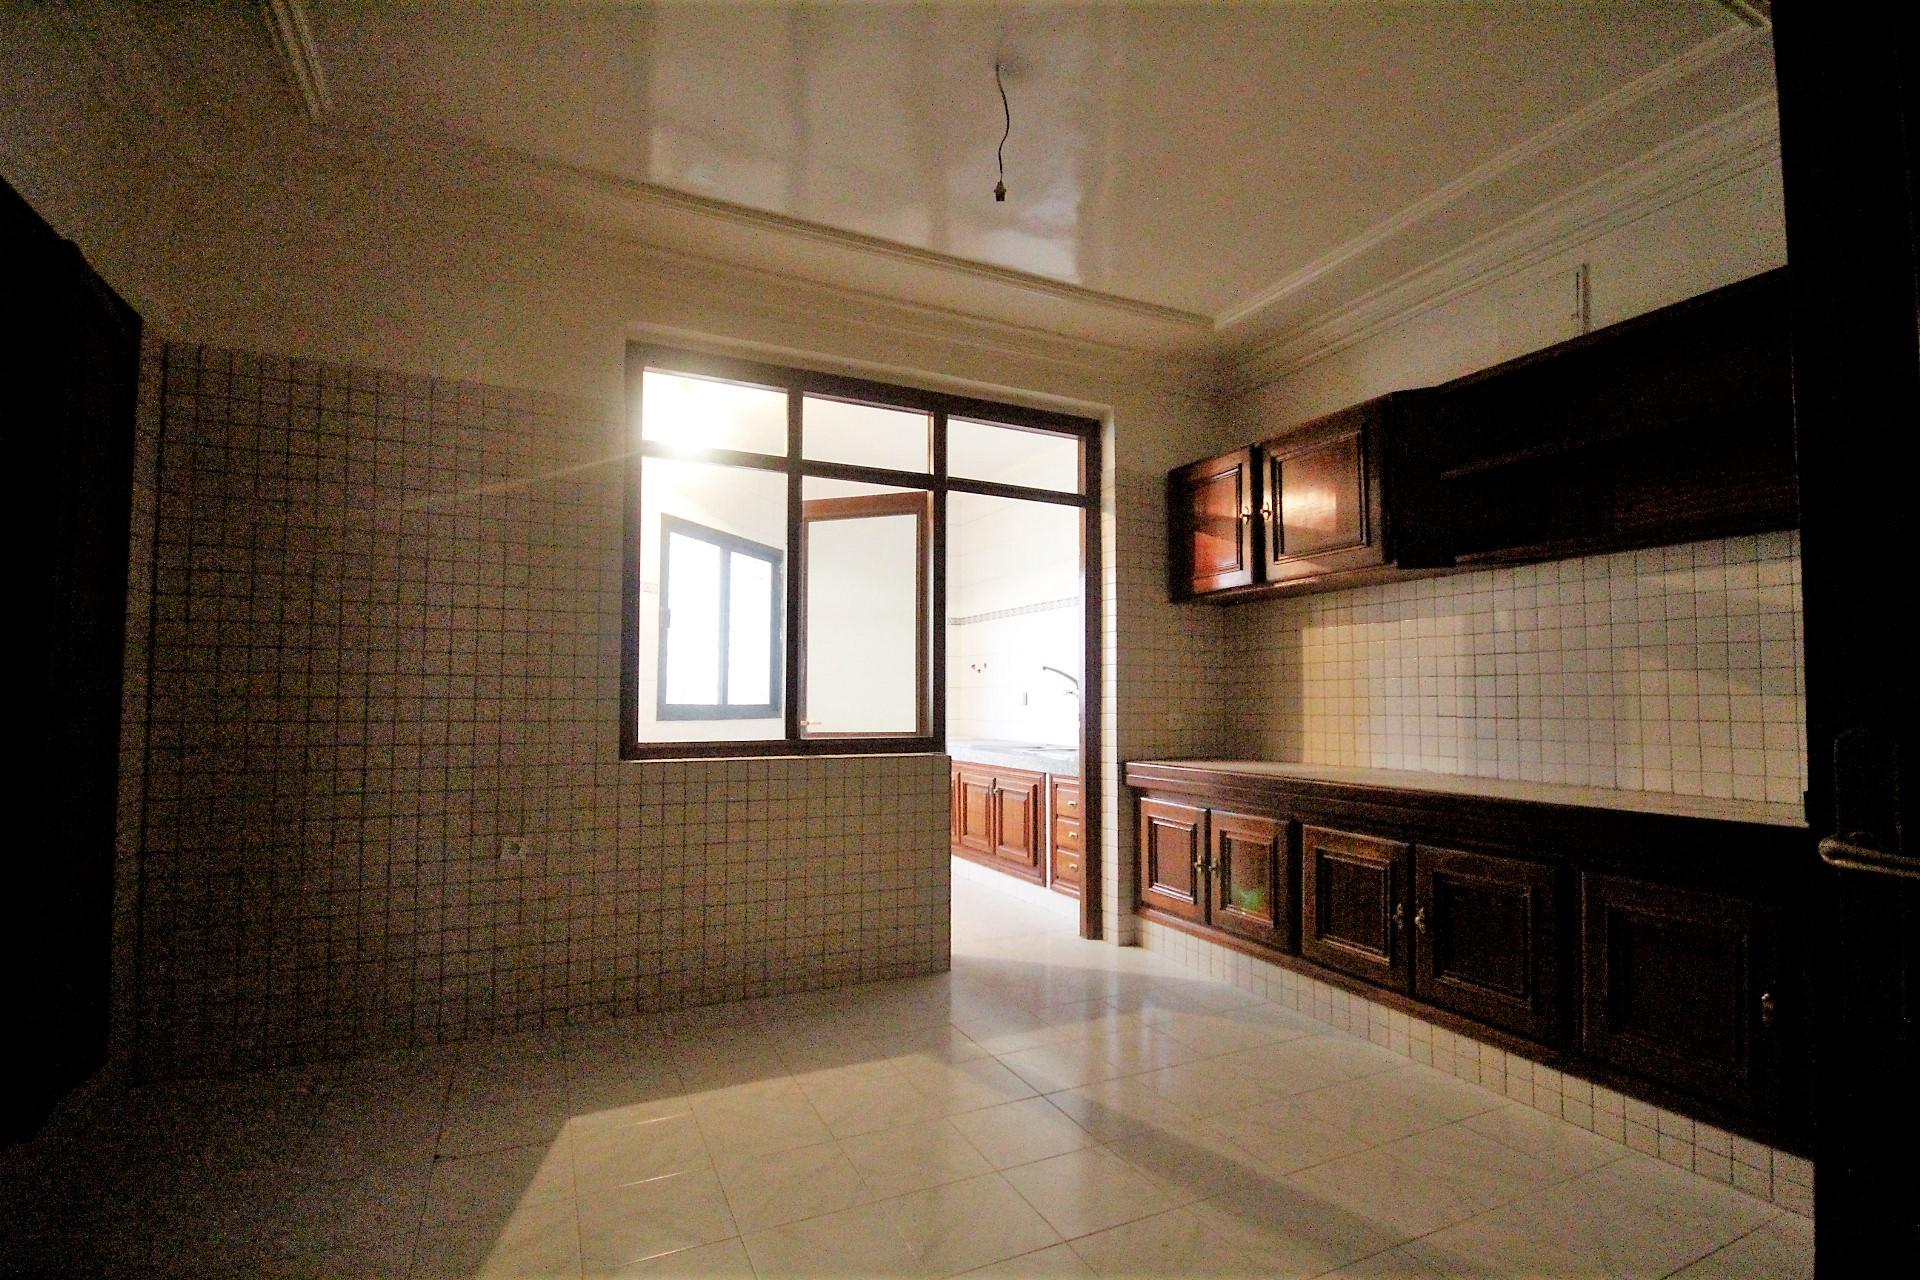 Maroc, Casablanca, Racine Ouest, à acheter appartement exceptionnel de 4 chambres avec grande terrasse.